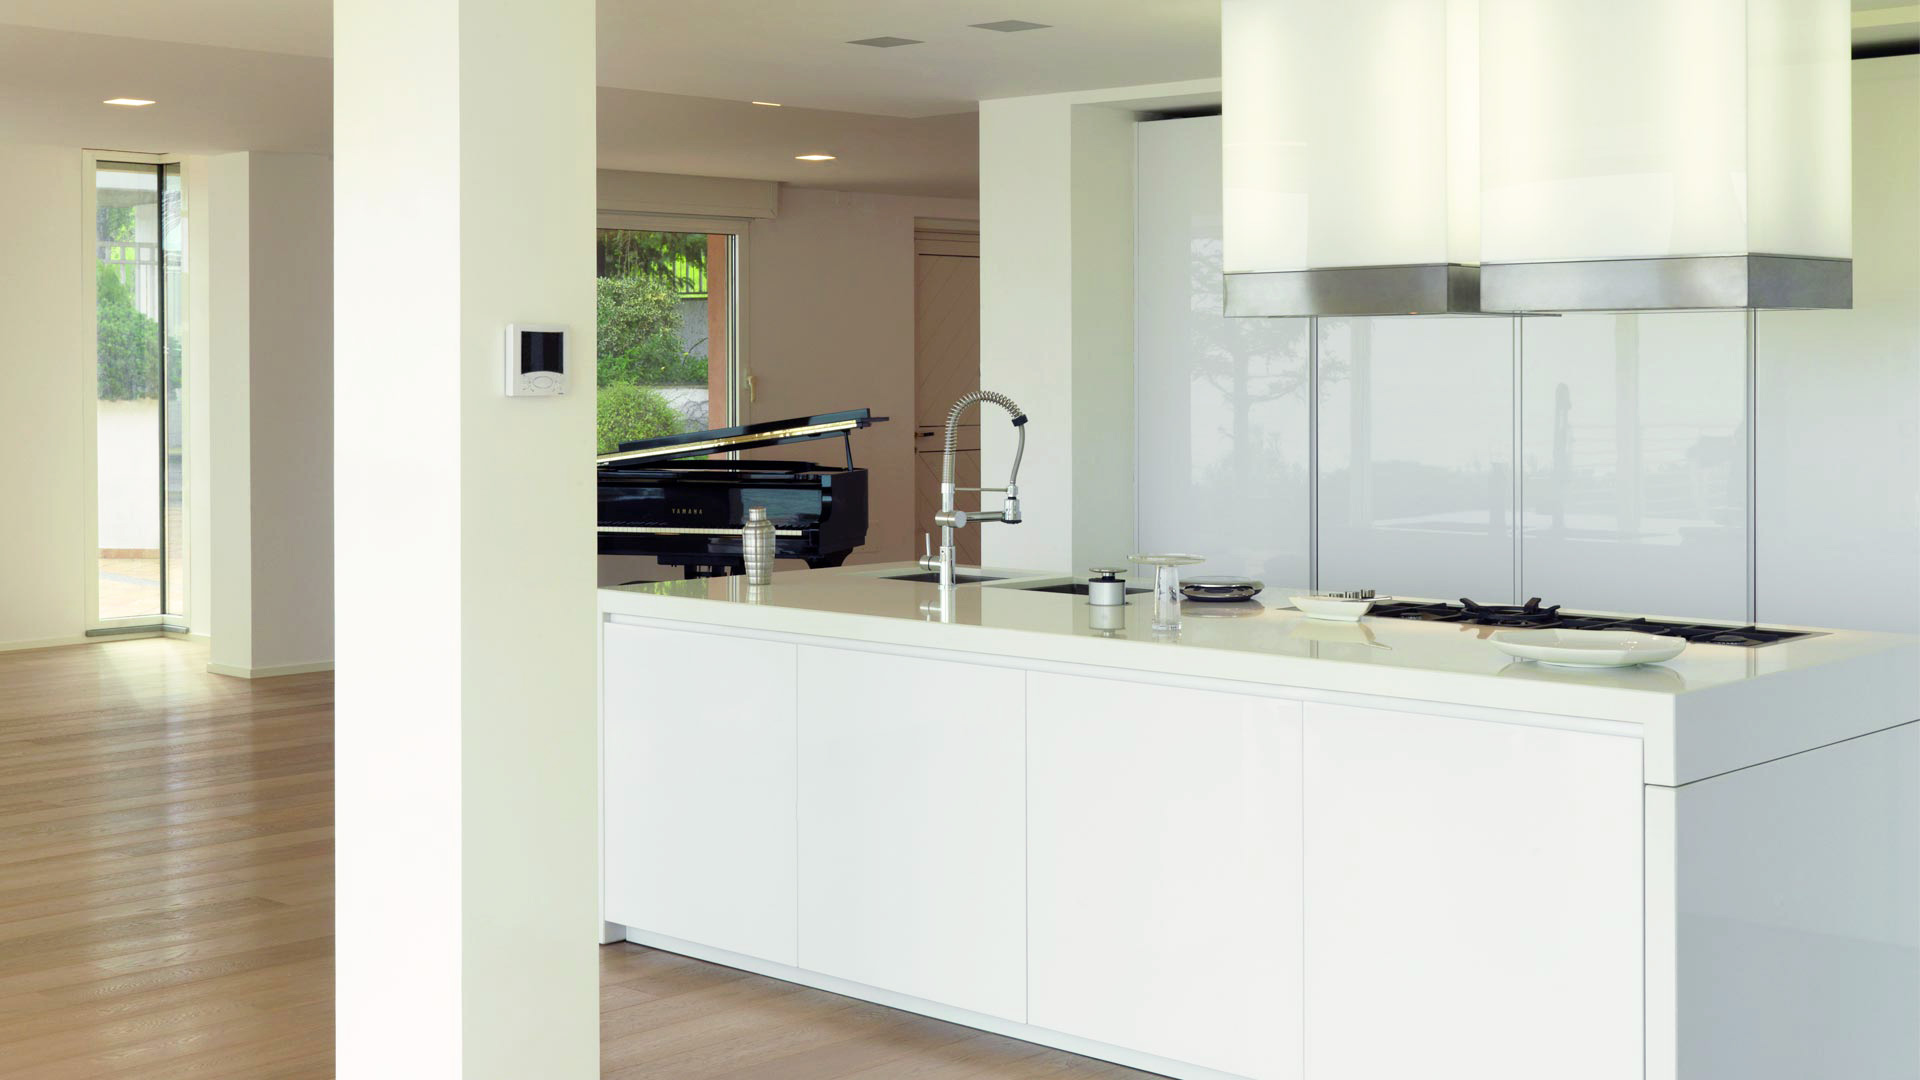 Cucina living open space con tavolo a scomparsa estraibile - Cucine open space ...